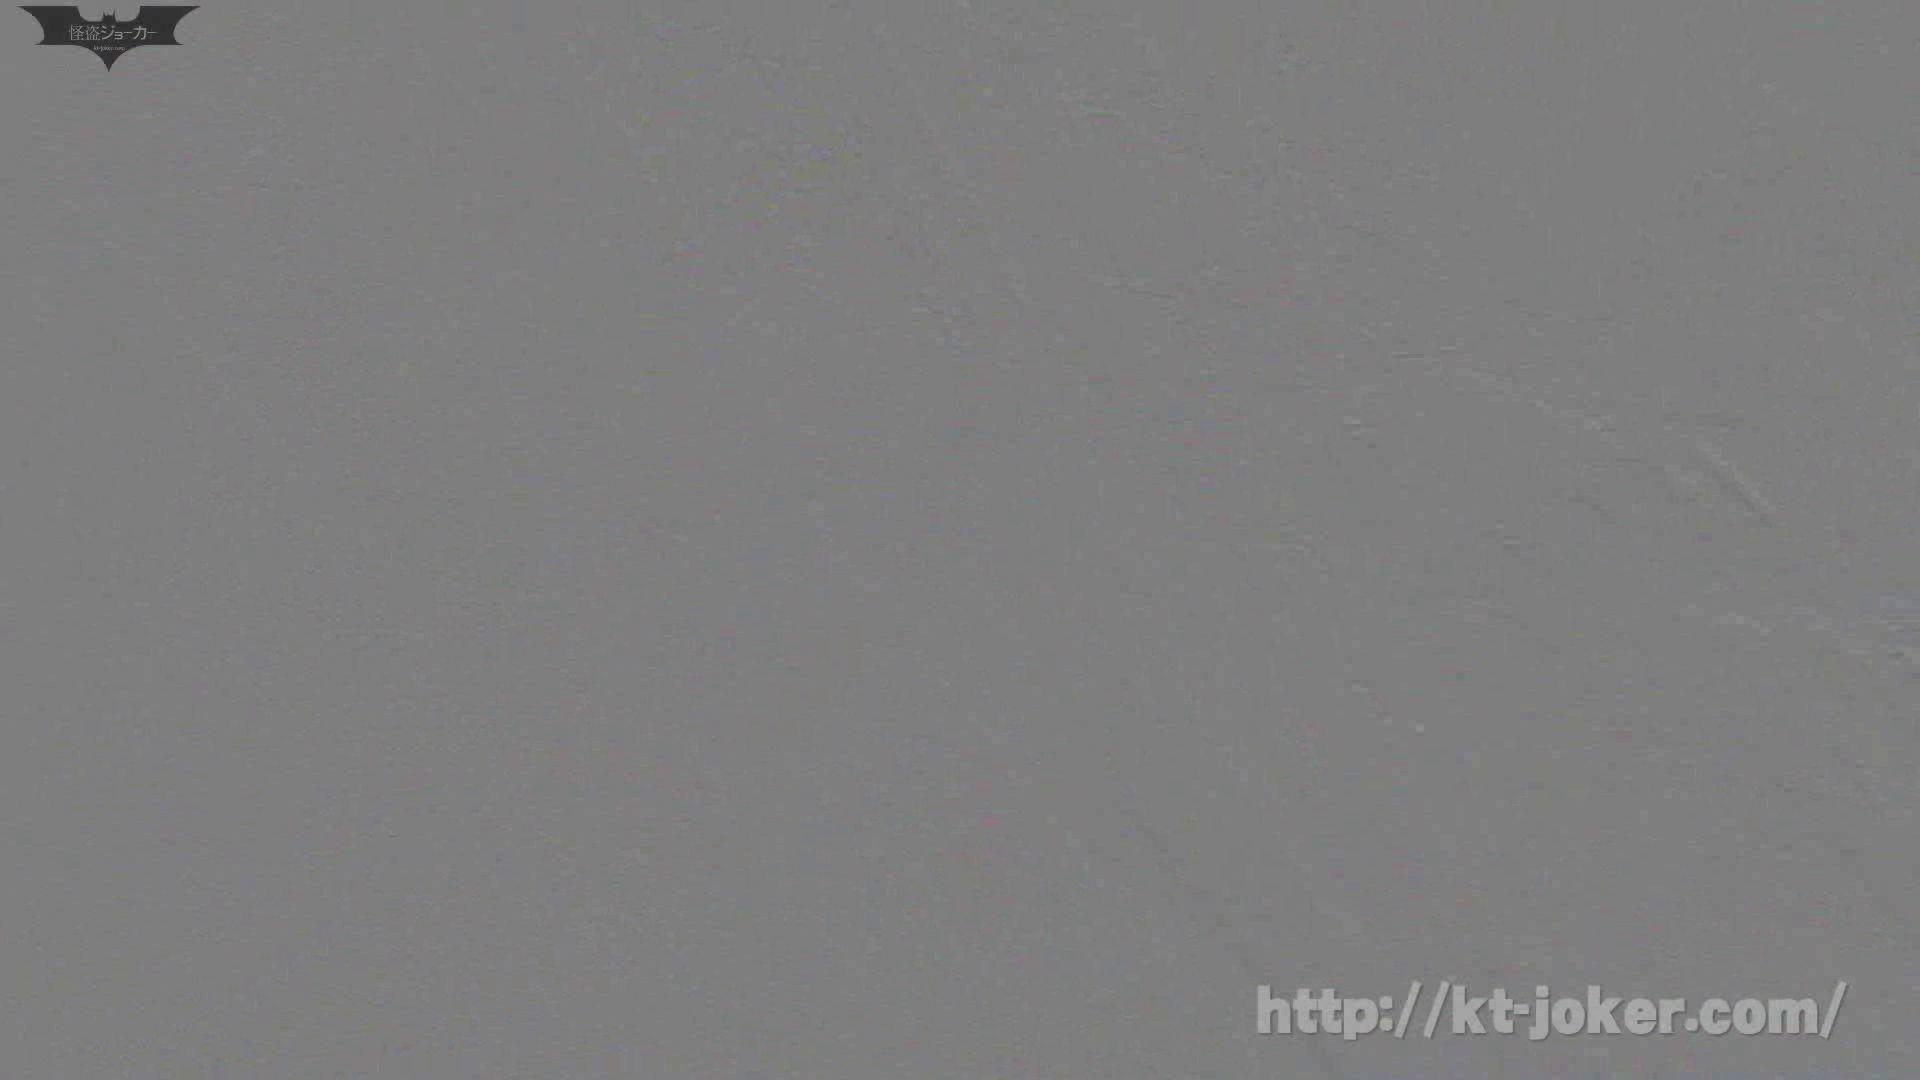 命がけ潜伏洗面所! vol.63 プライベート  109連発 69